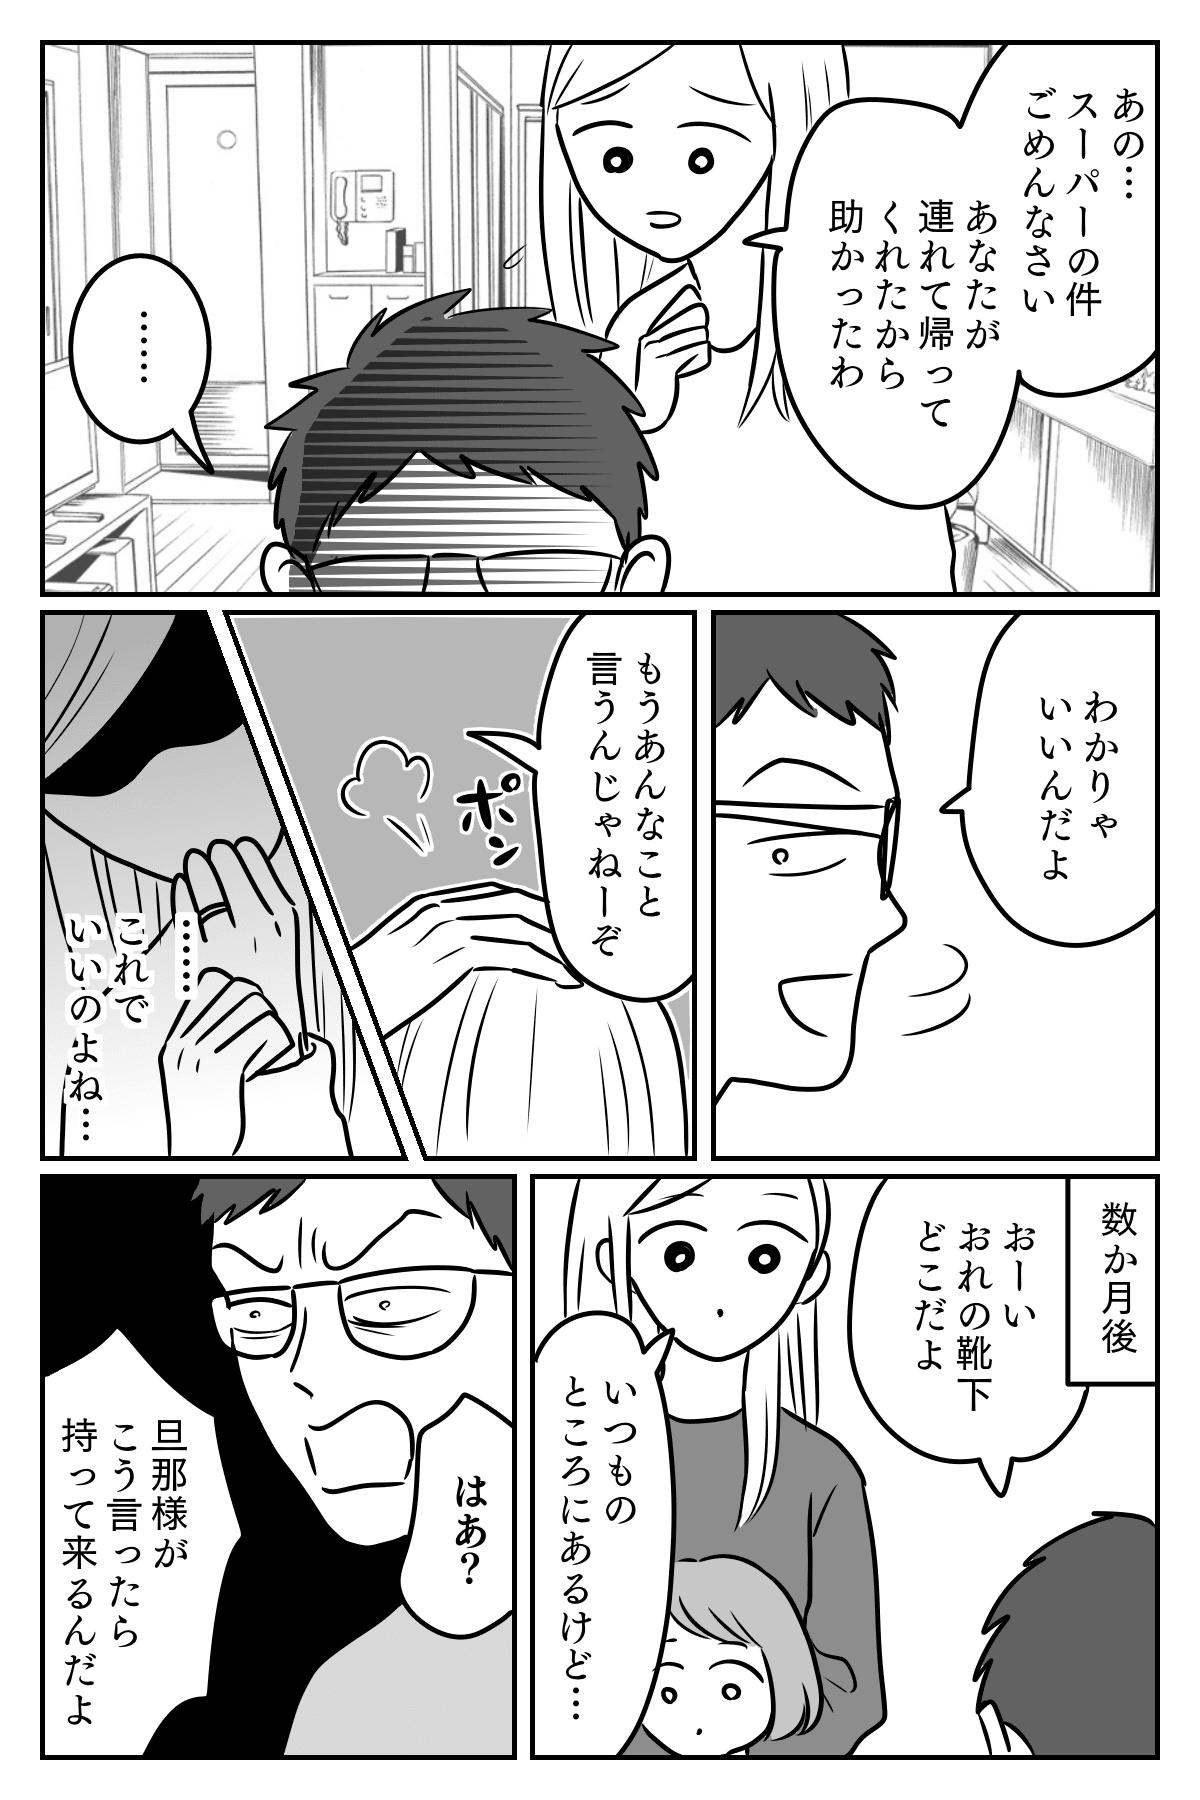 耳鼻科3-1